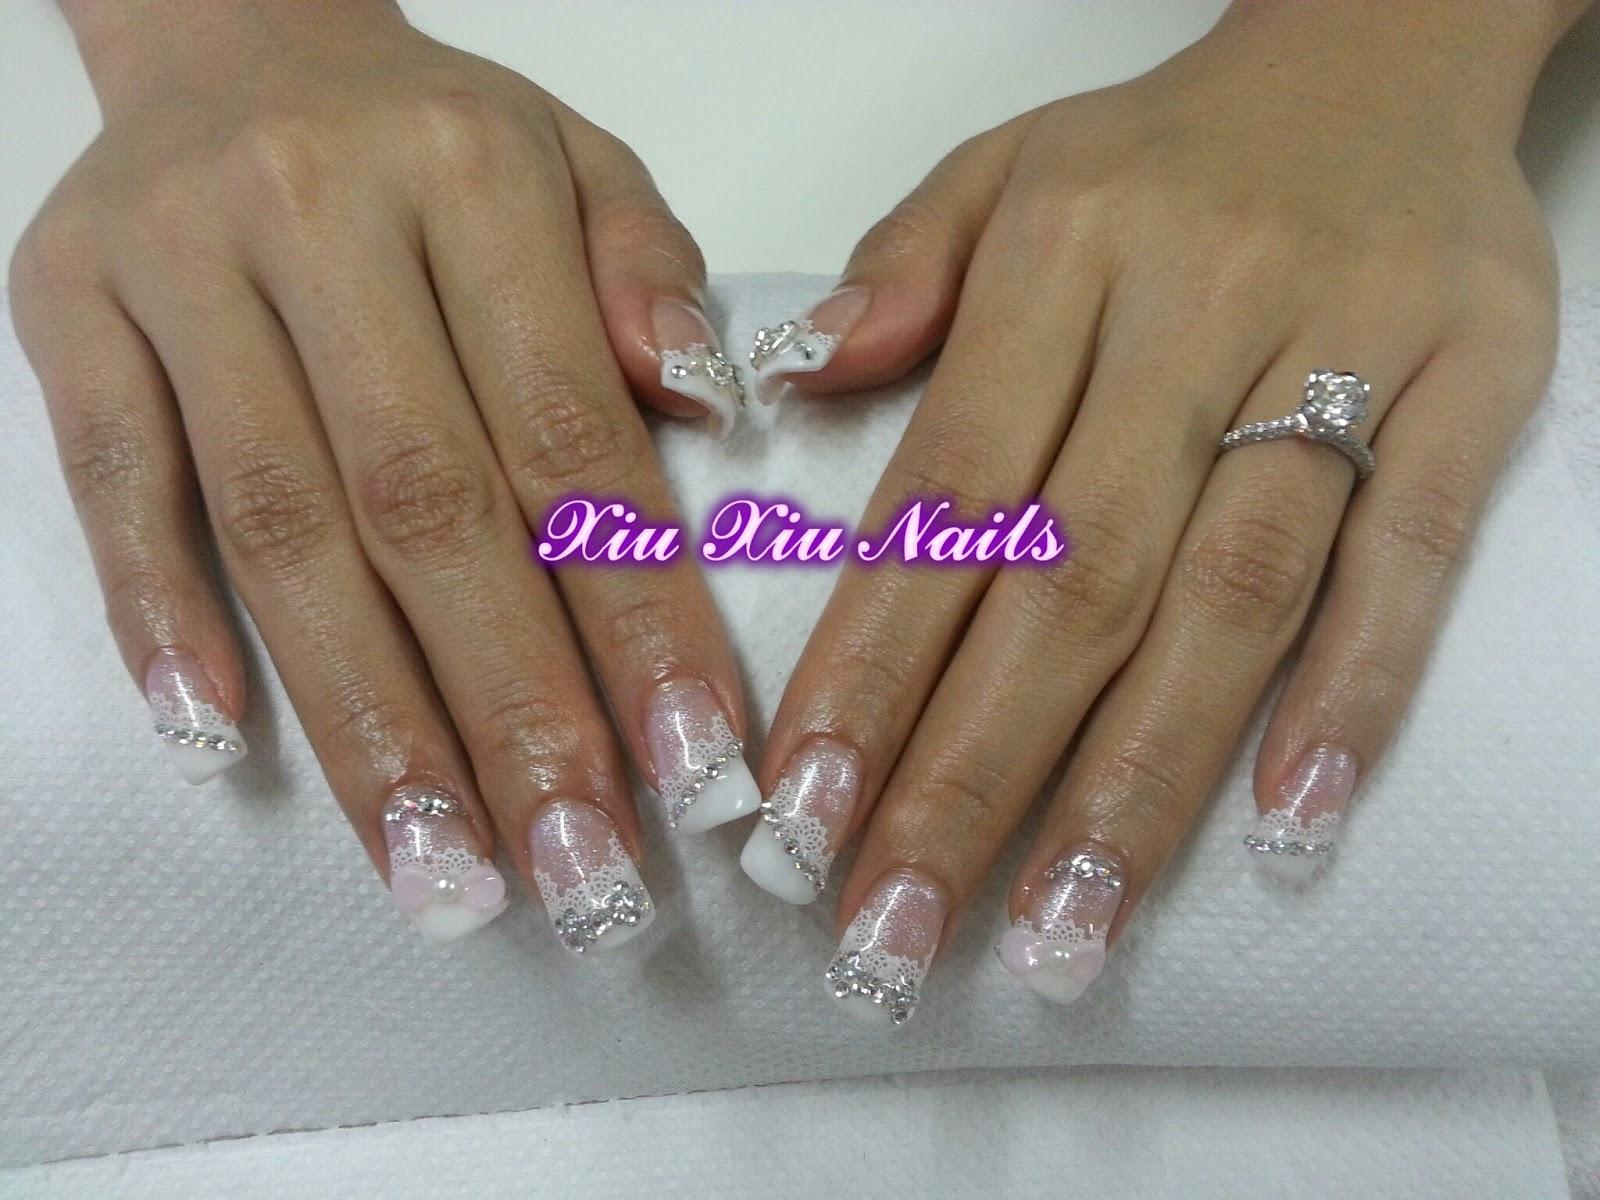 Xiu Xiu Nails Bridal Nails Sweet Wild Nails